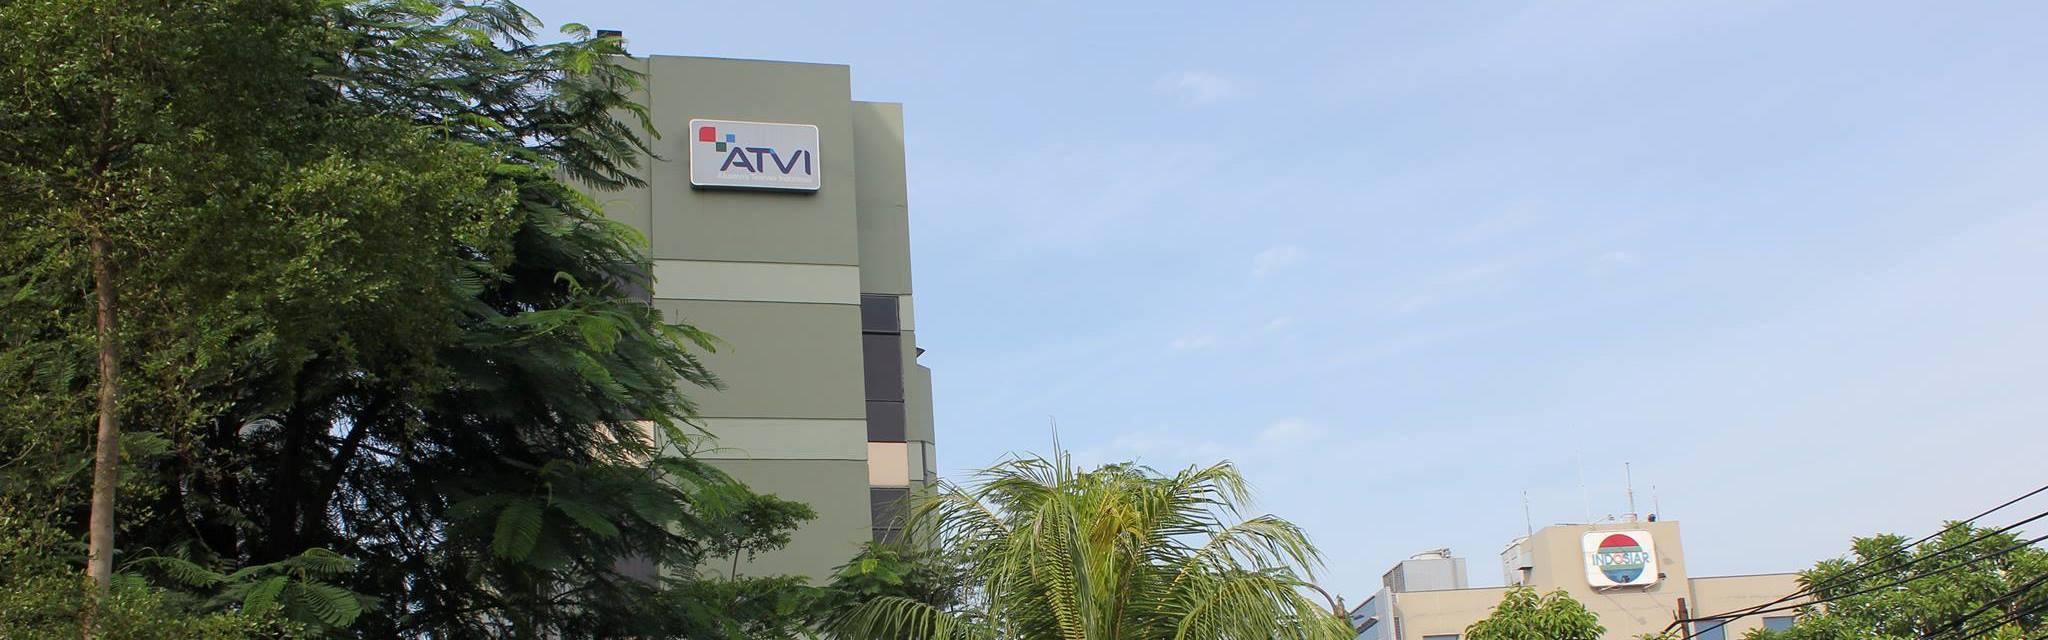 Gedung ATVI crop